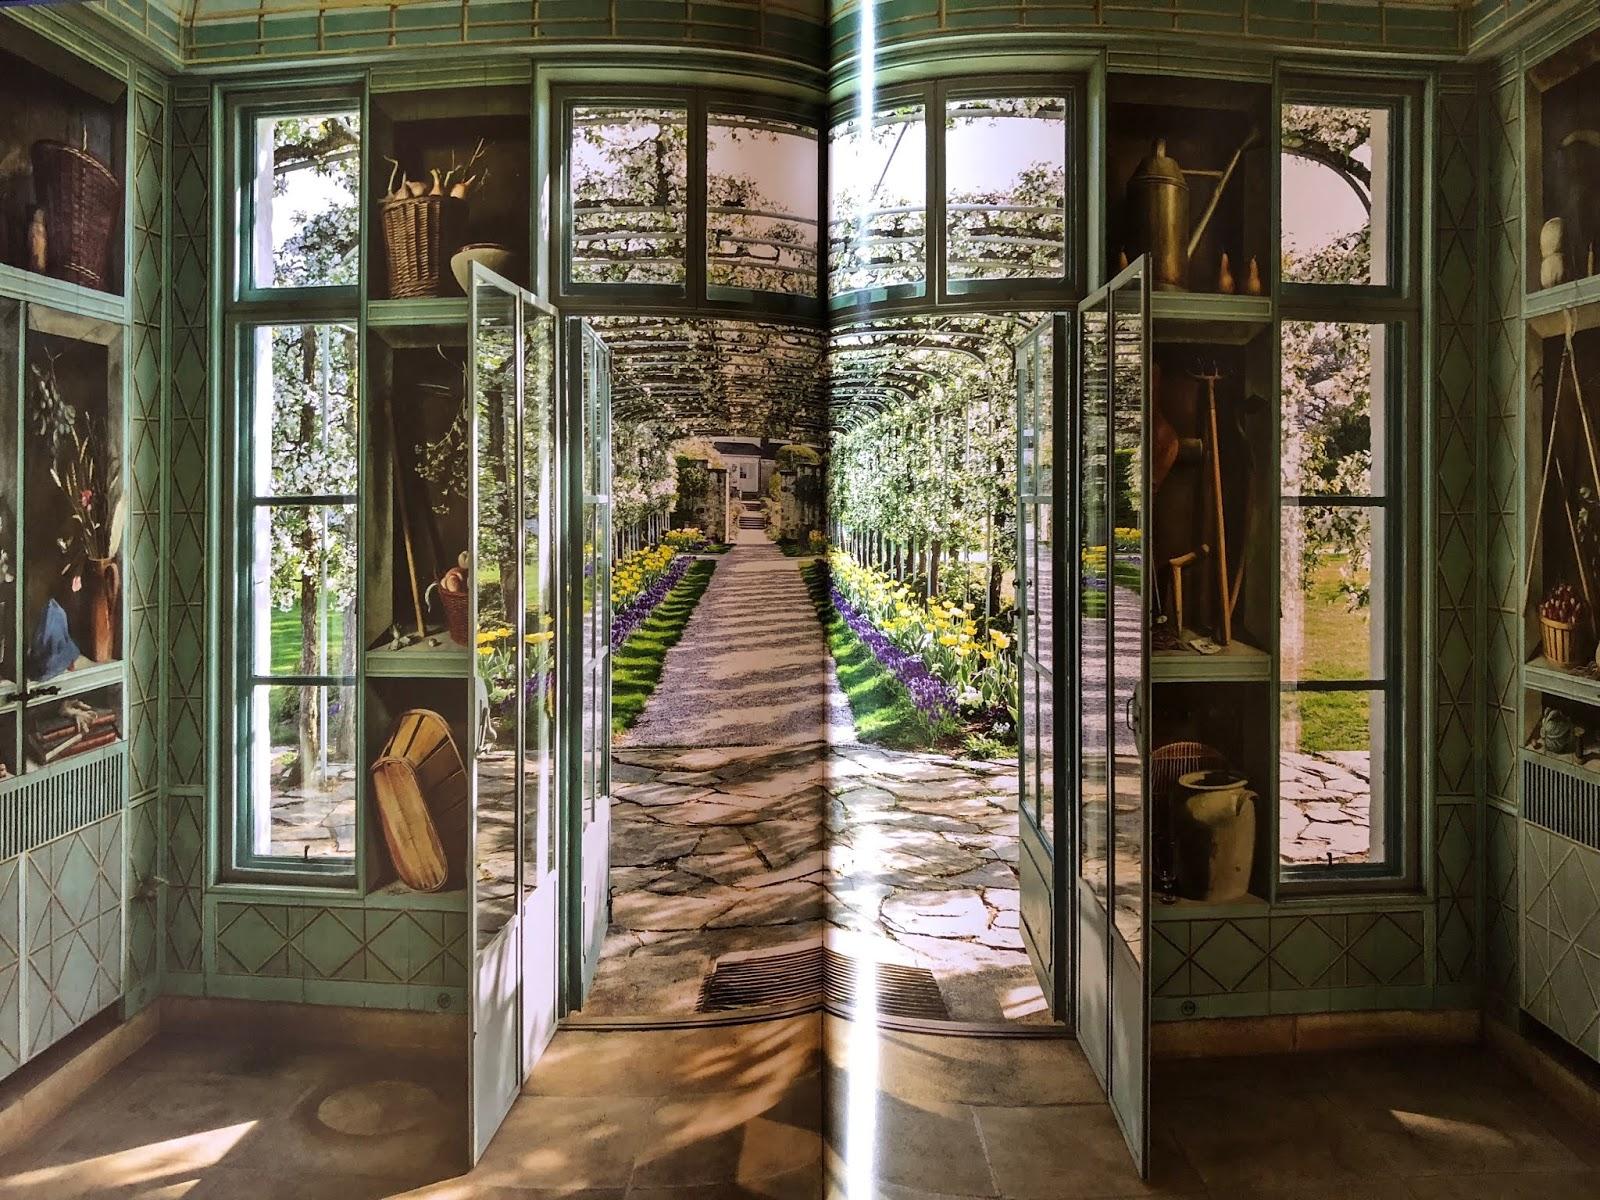 The Gardens of Bunny Mellon Book Review